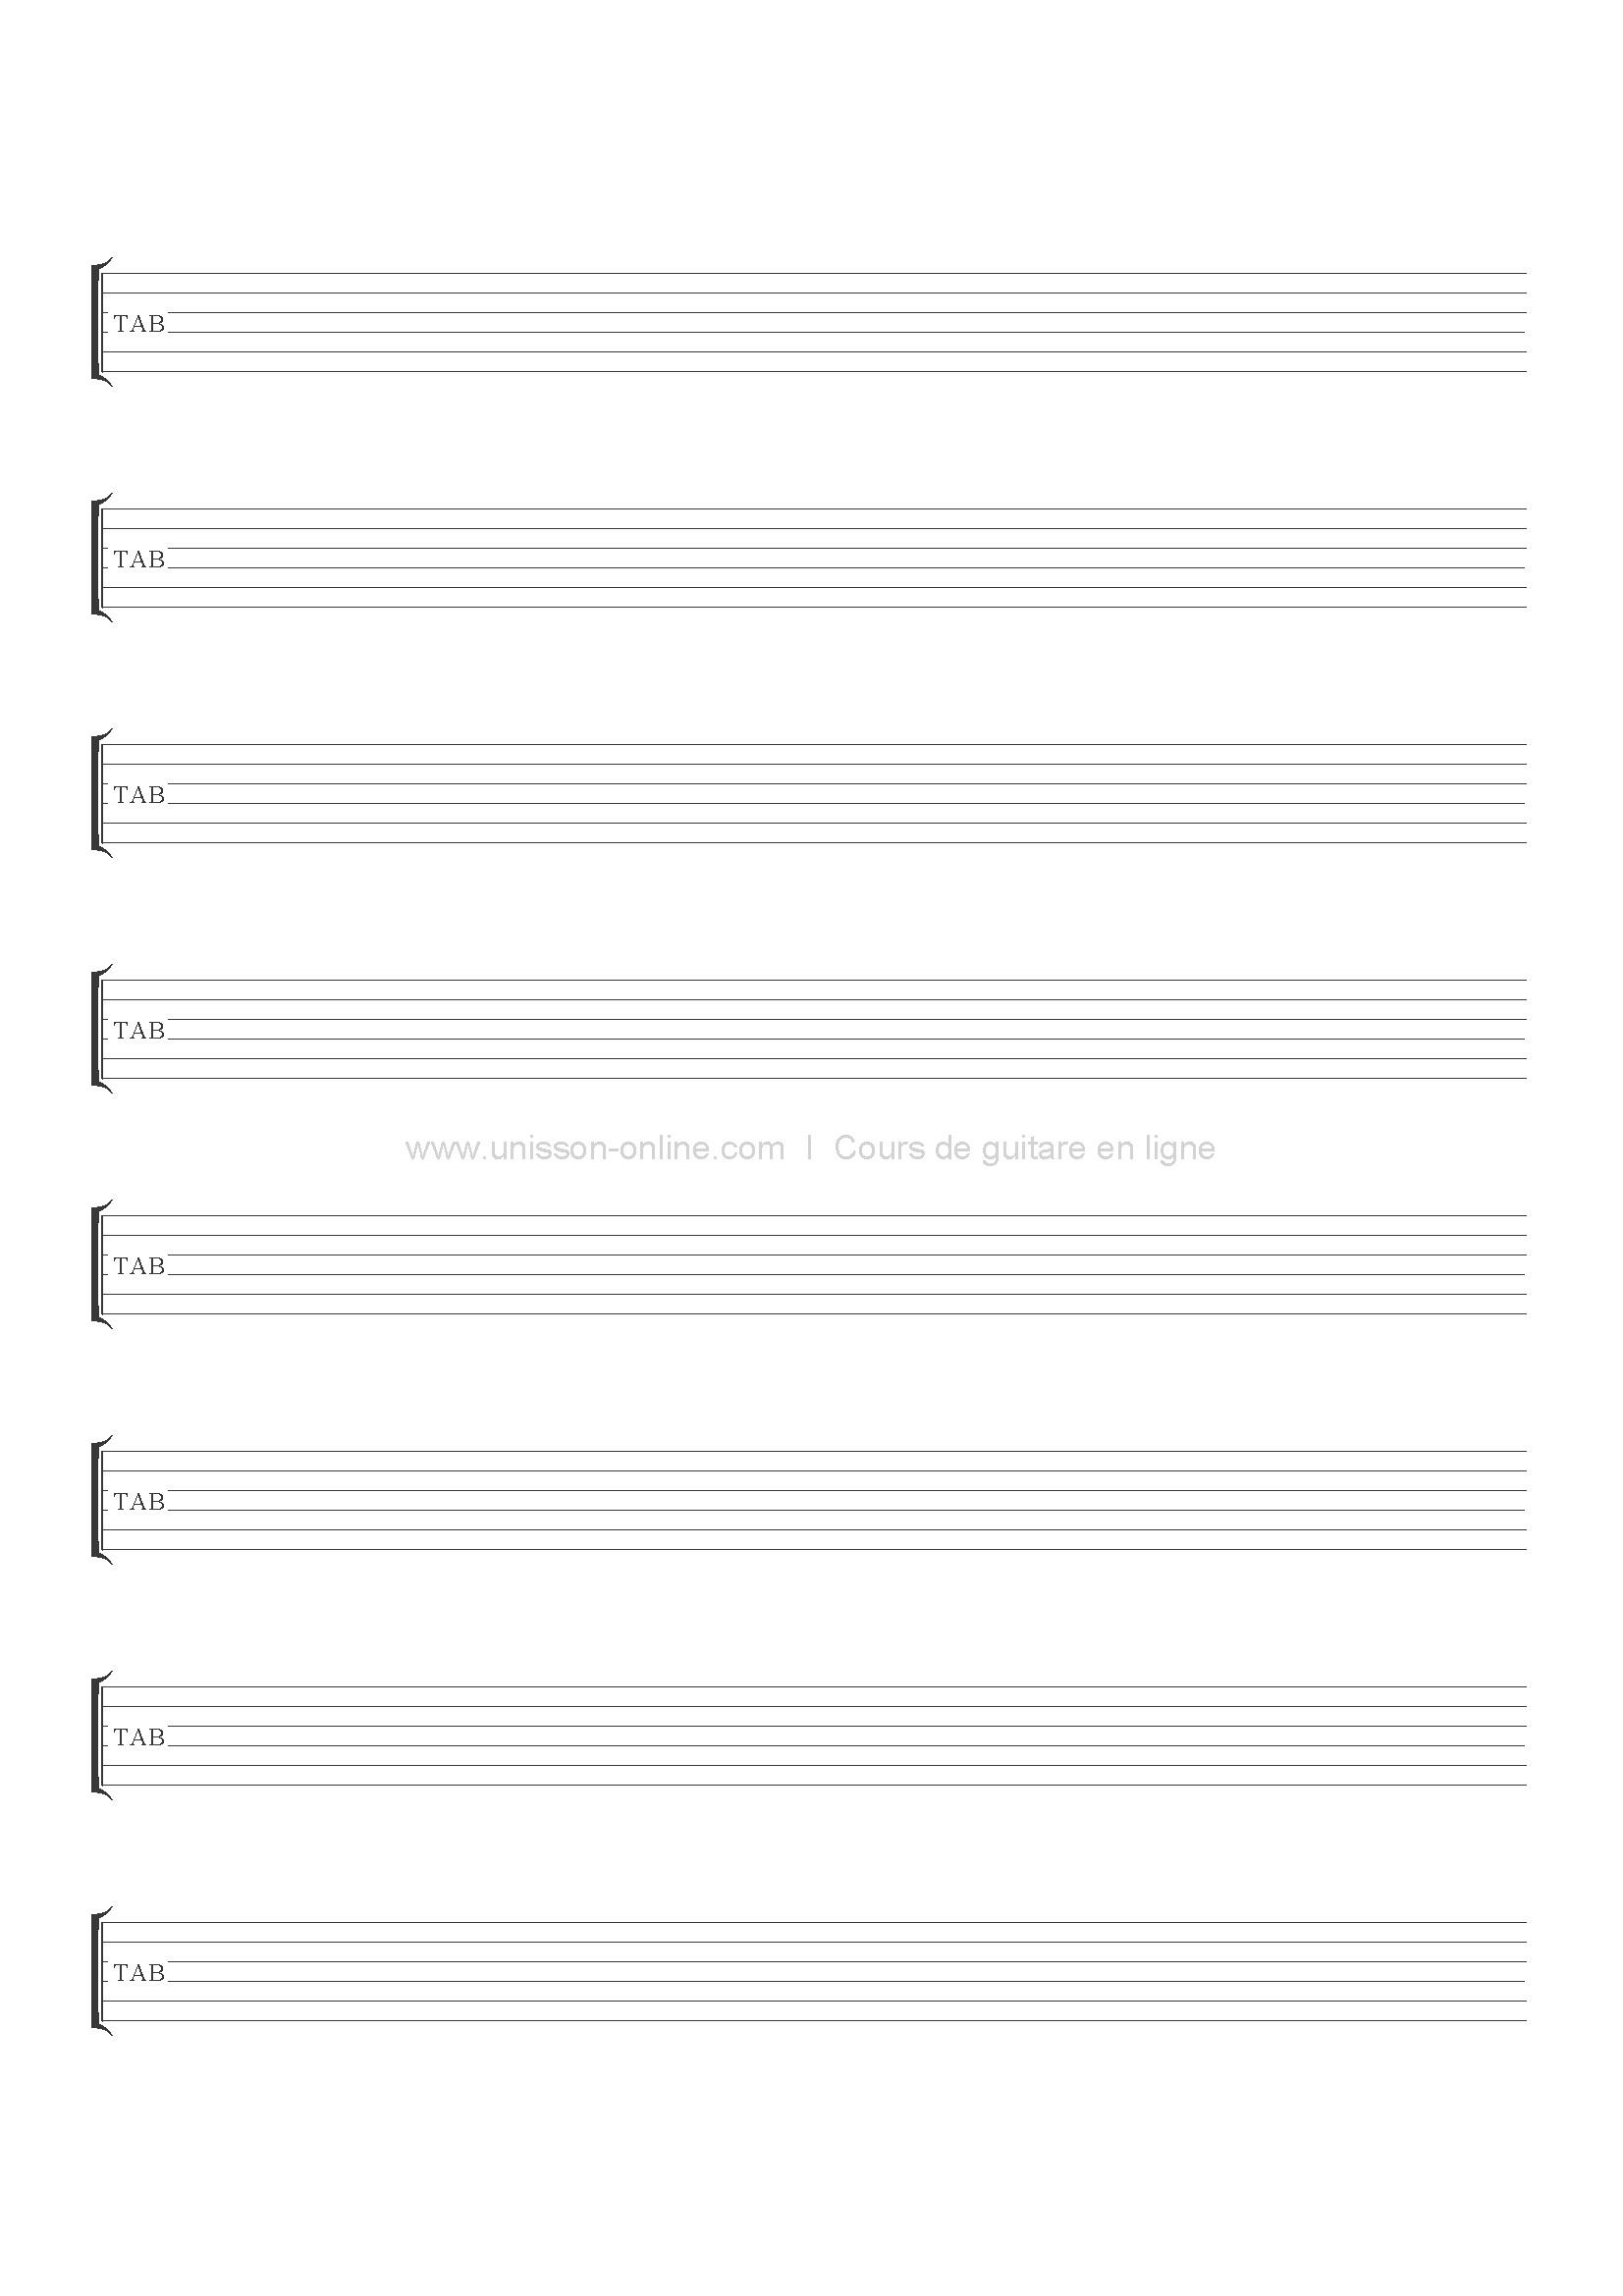 Tablature guitare vierge t l charger i pdf unisson online - Feuille de musique a imprimer ...